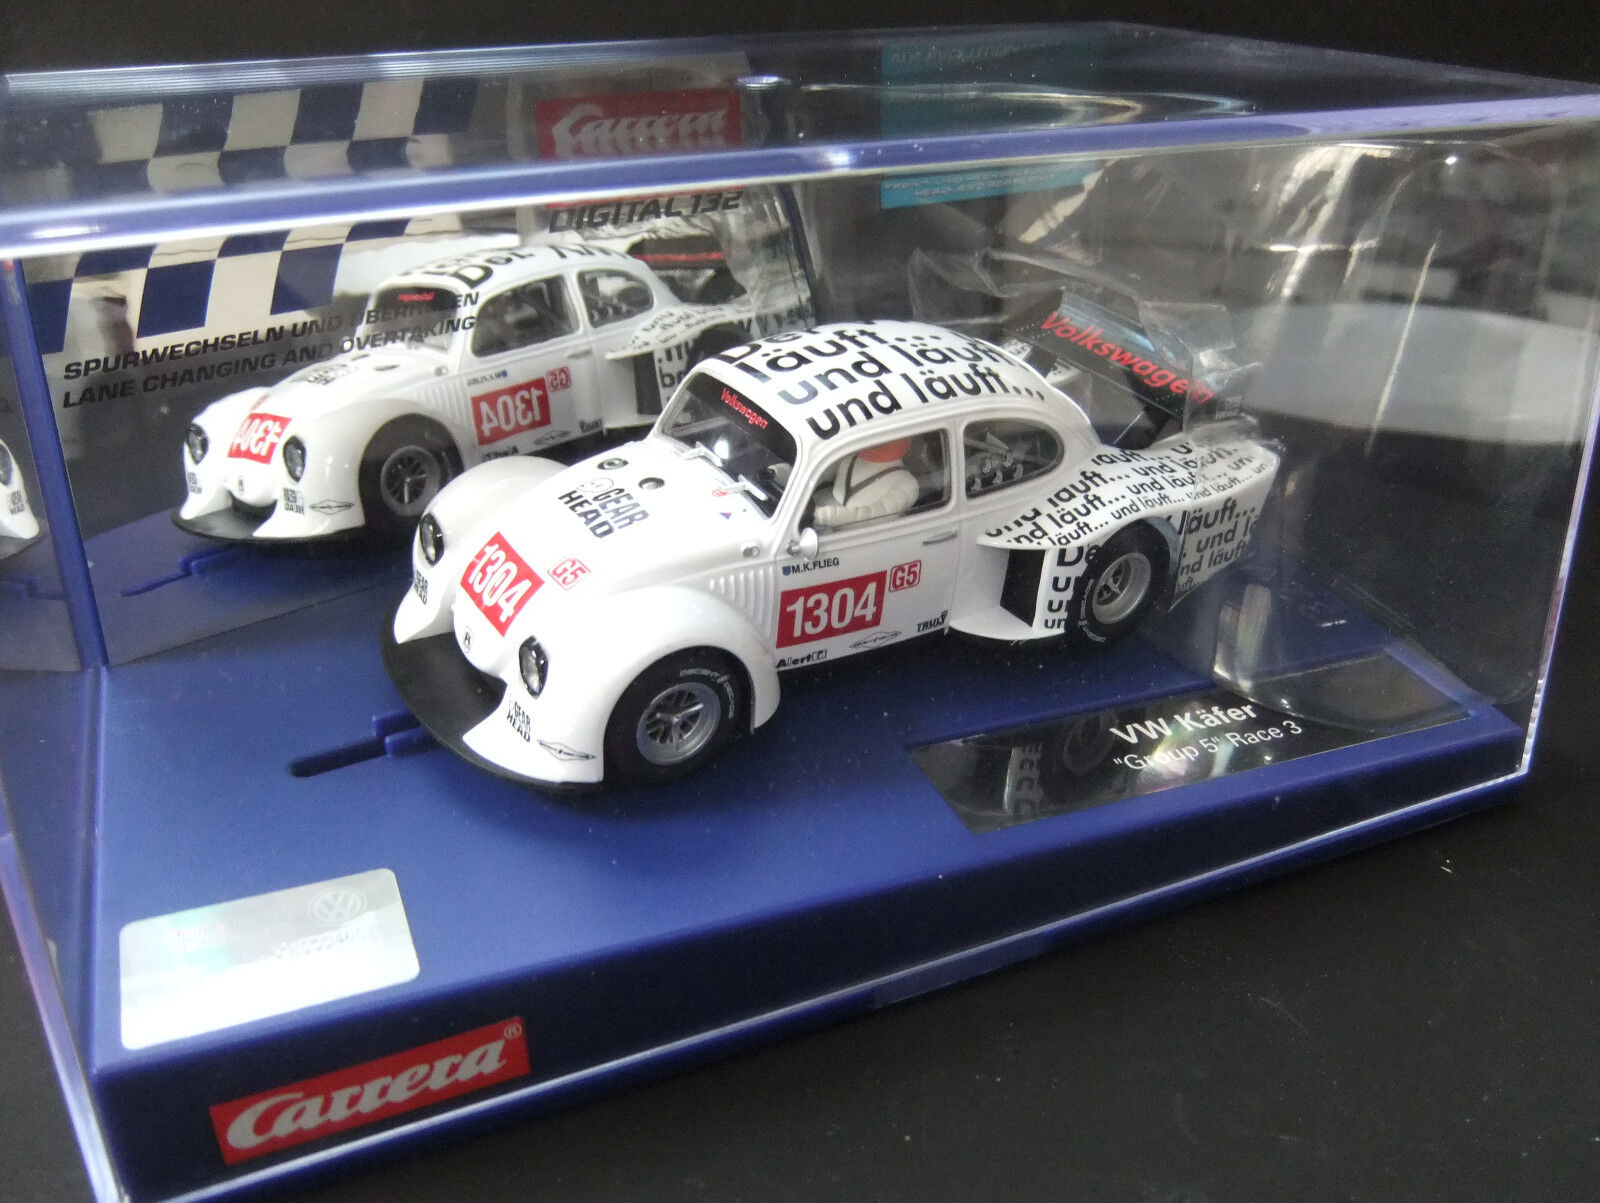 VW Käfer G 5 Race 3  Sondermodell Carrera Carrera Carrera 30728  Digital  1 32 f4dbb6